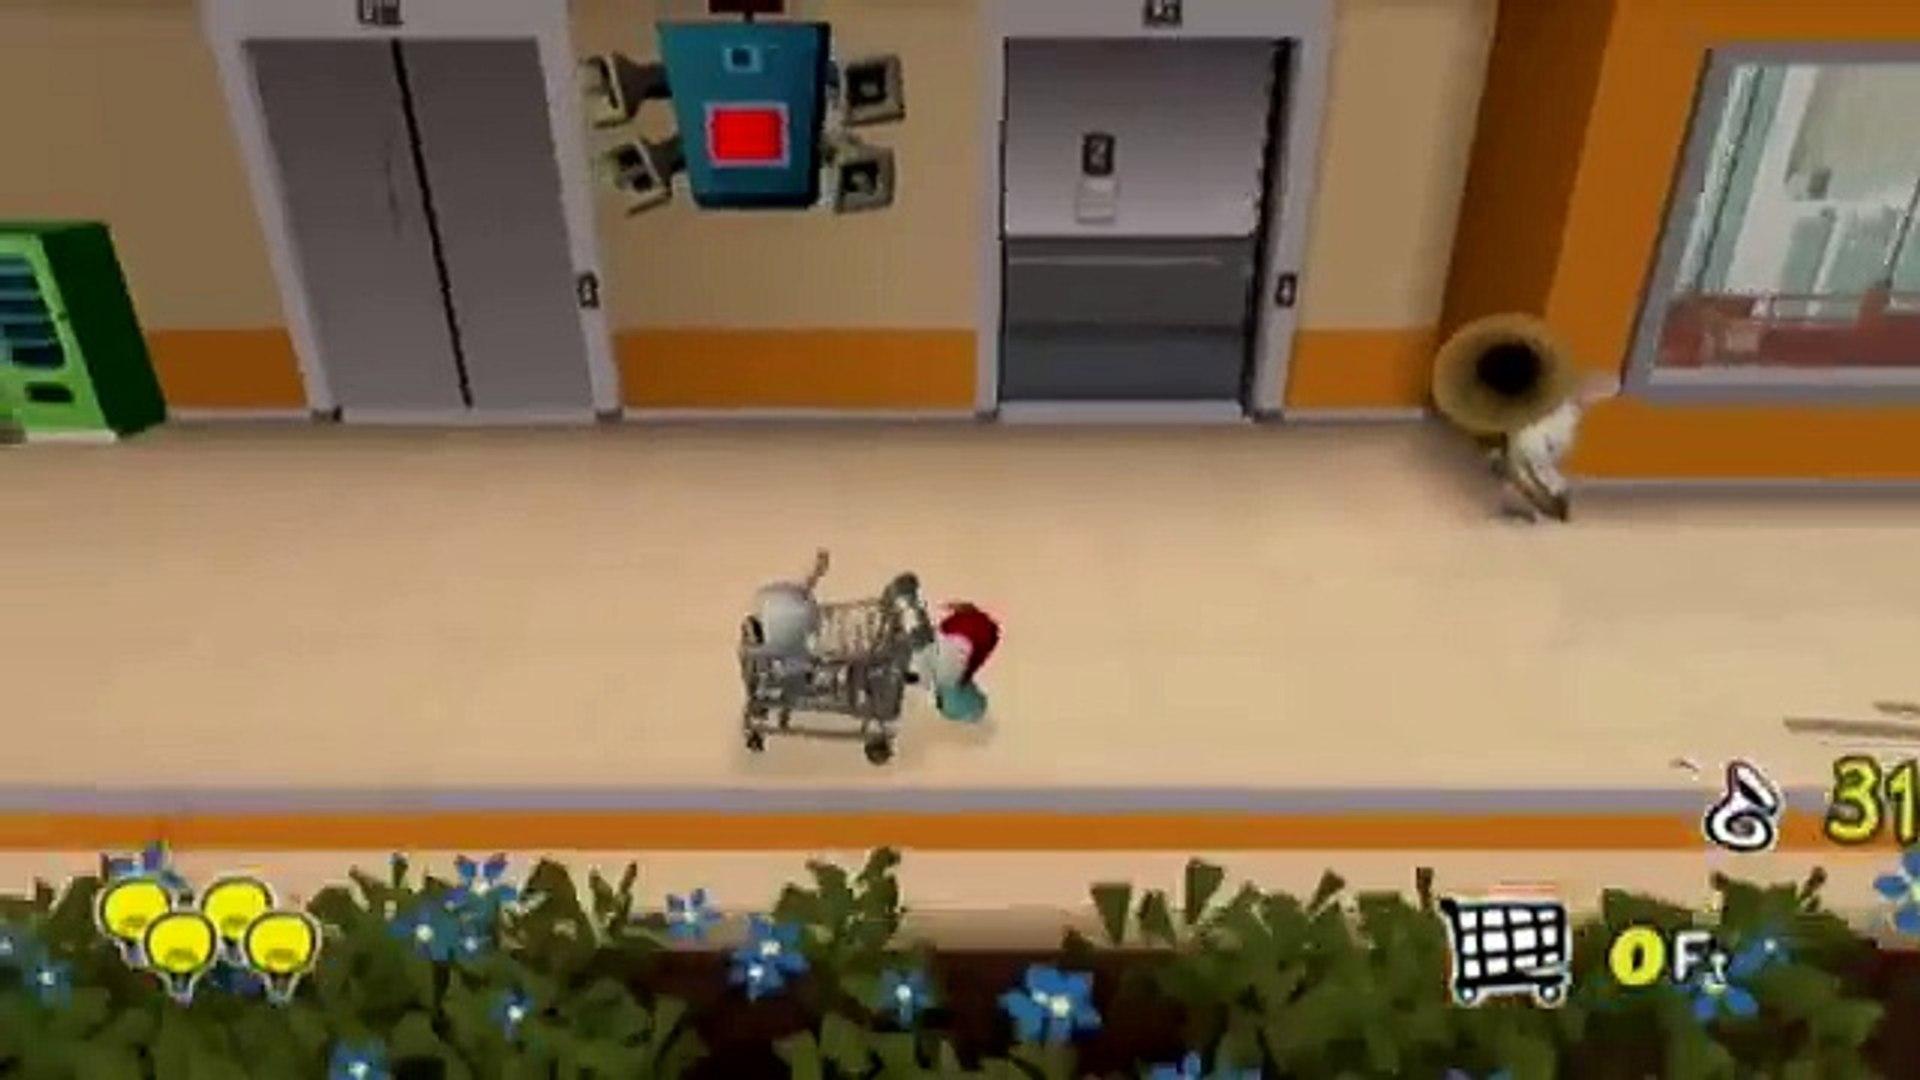 Eau stagnante Jeu aller domicile maison enfants vidéo 15 Rabbids Rabbids jeu vidéo de gameplay